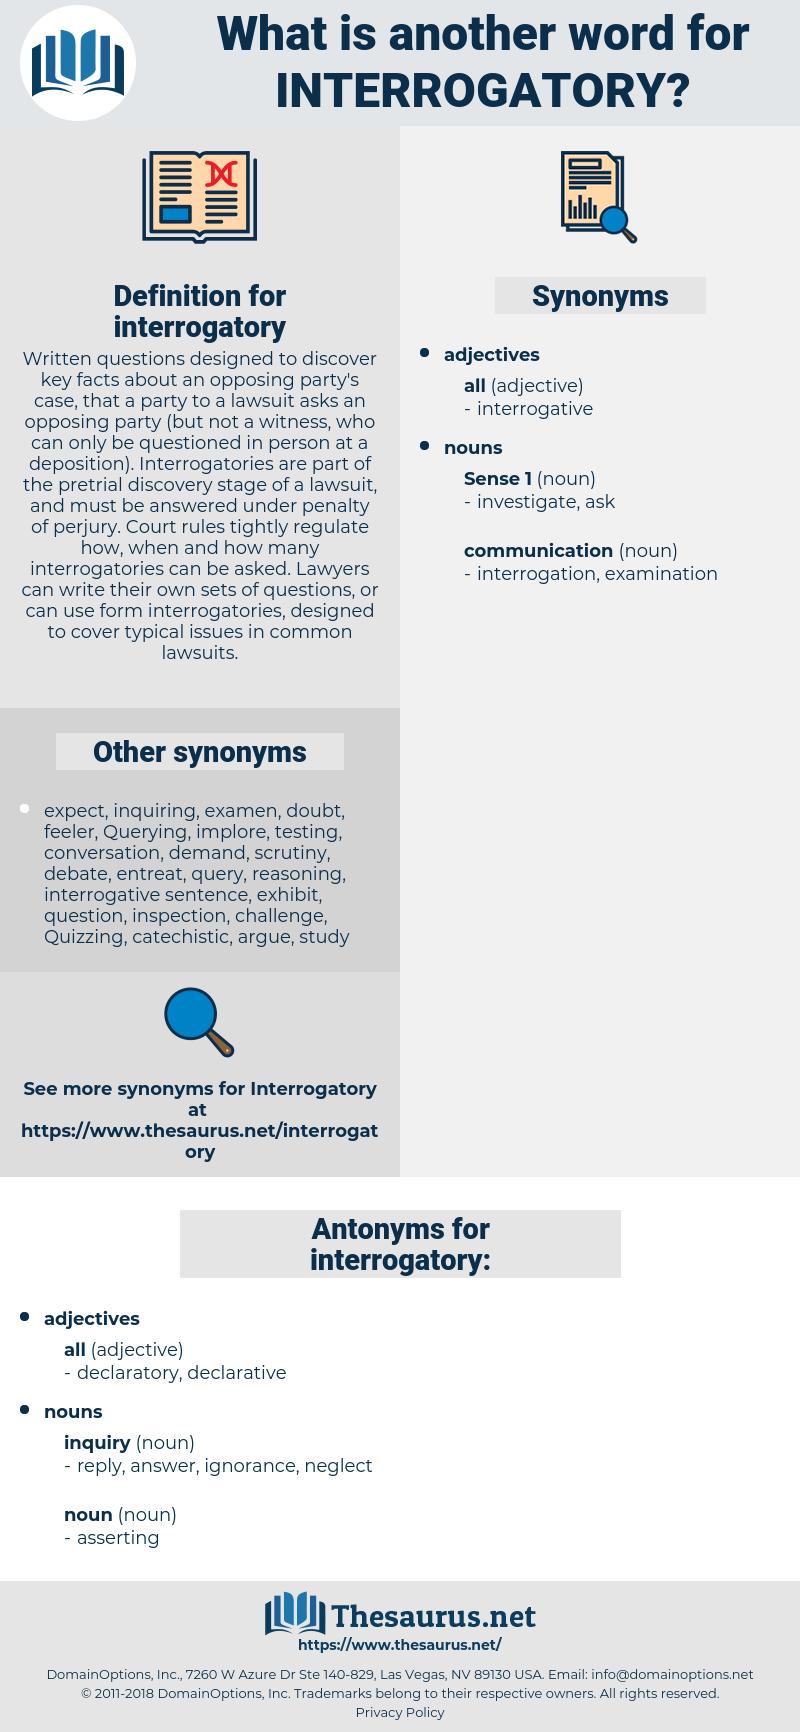 interrogatory, synonym interrogatory, another word for interrogatory, words like interrogatory, thesaurus interrogatory